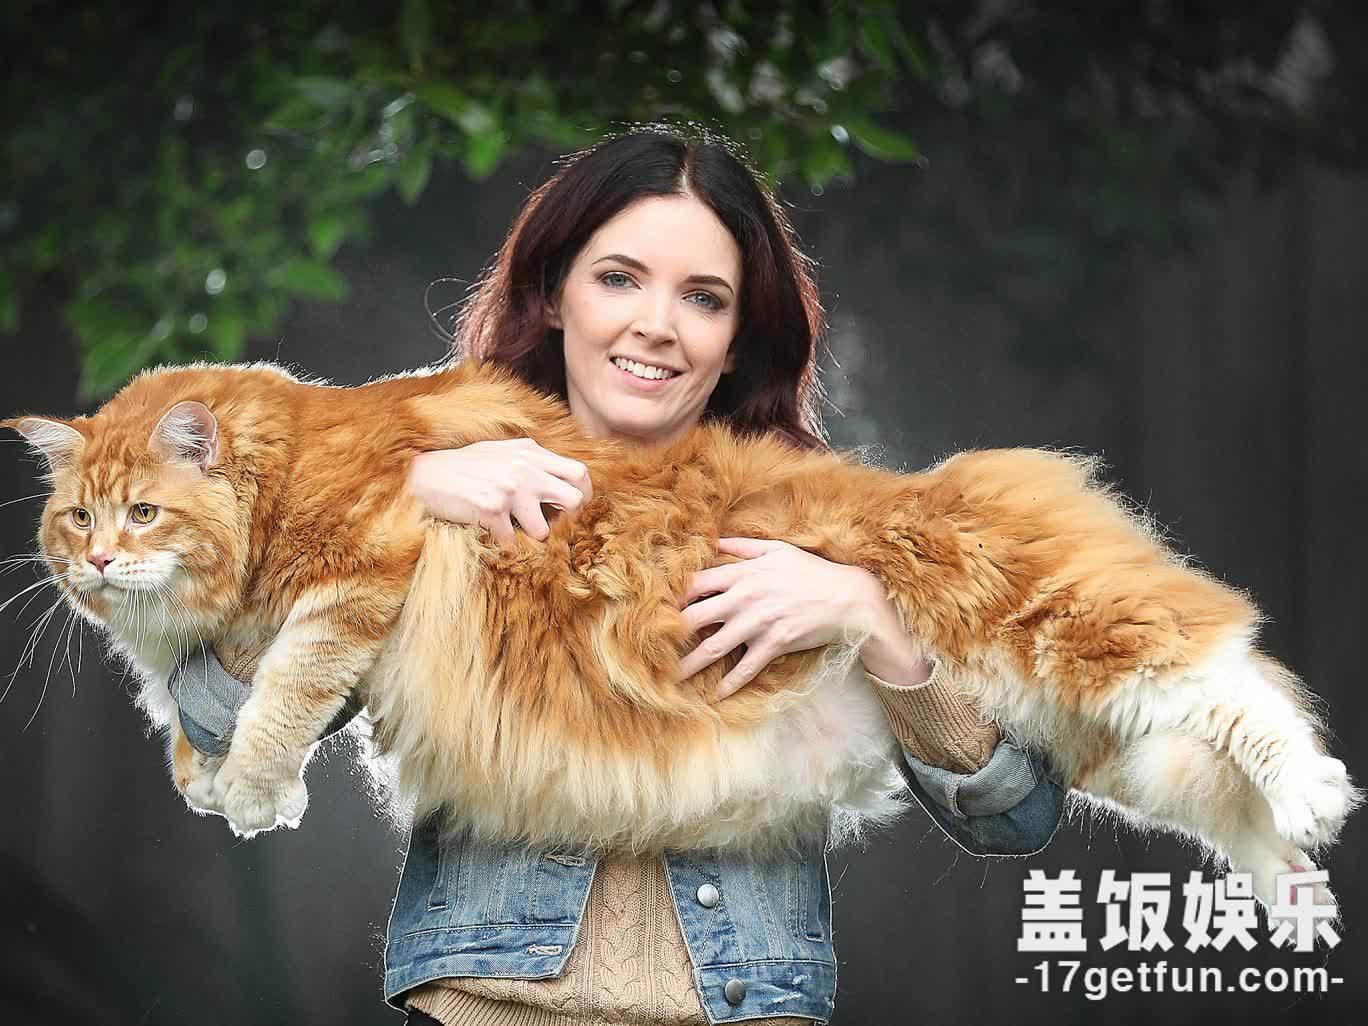 橘猫你不要挣扎了,你是最胖的